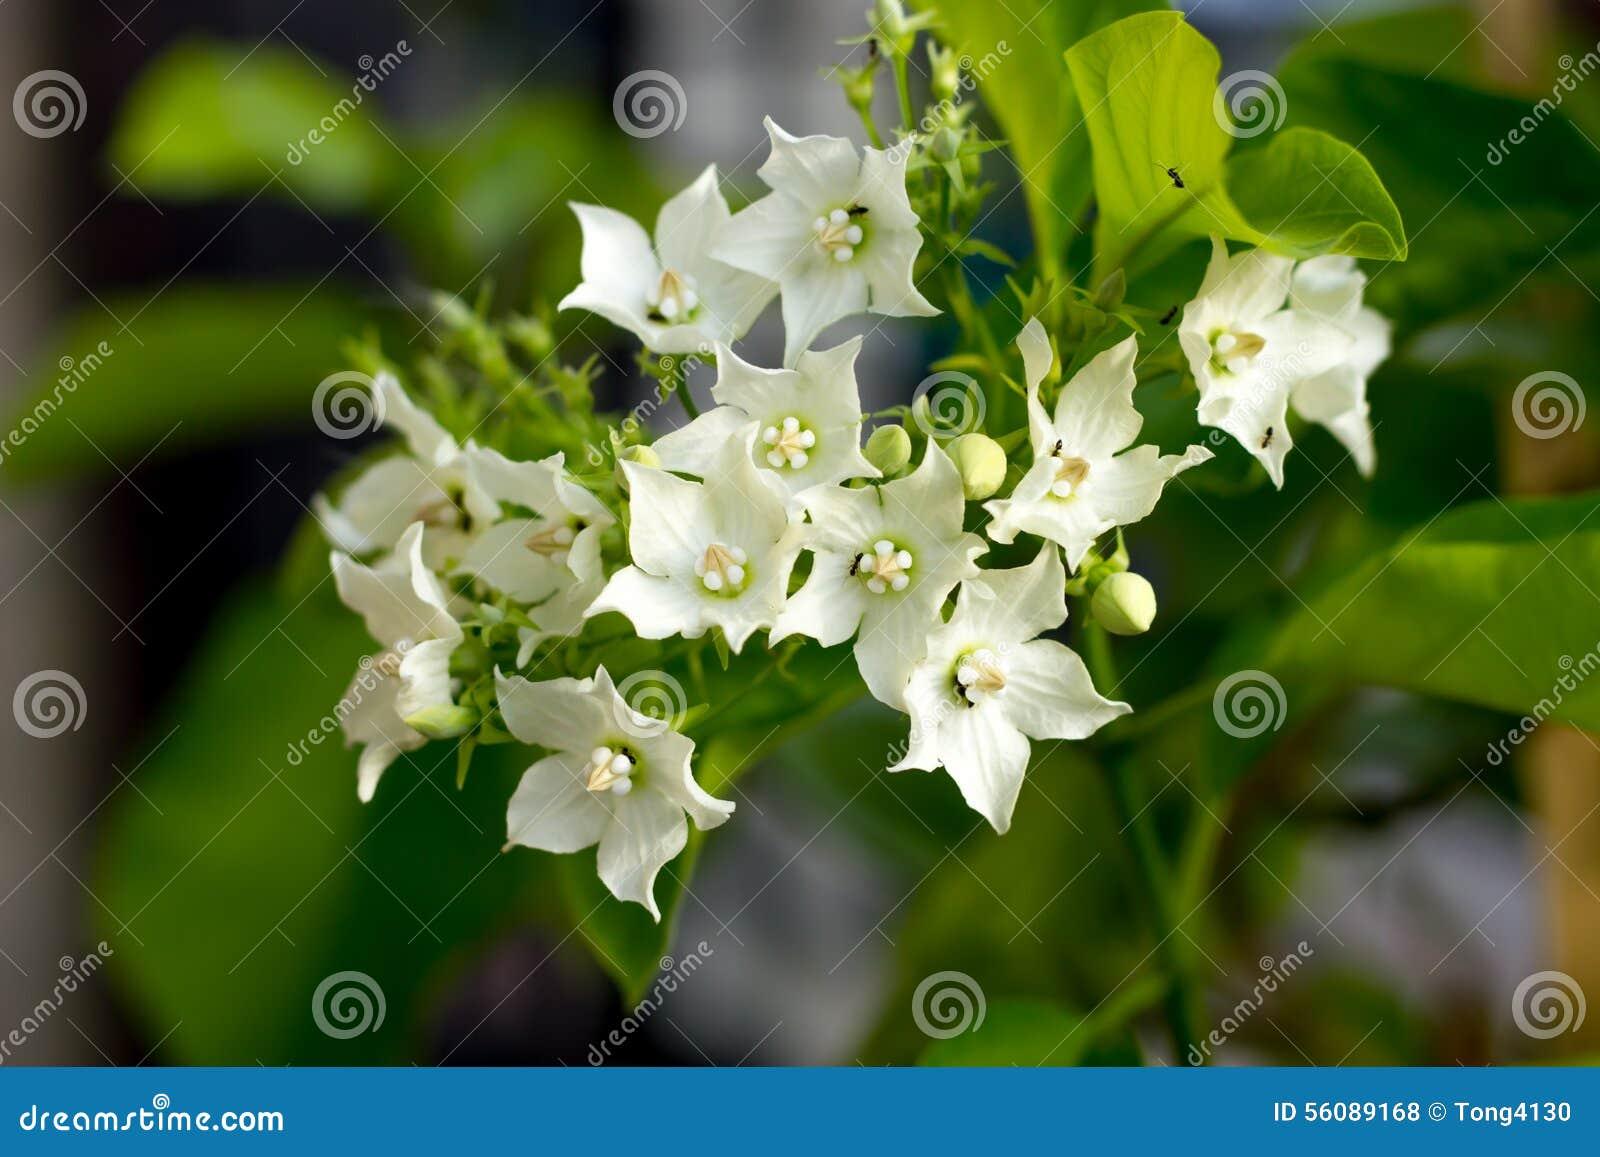 Bread Flower Vallaris Globra Ktze White Fragrant Aromatic Exo